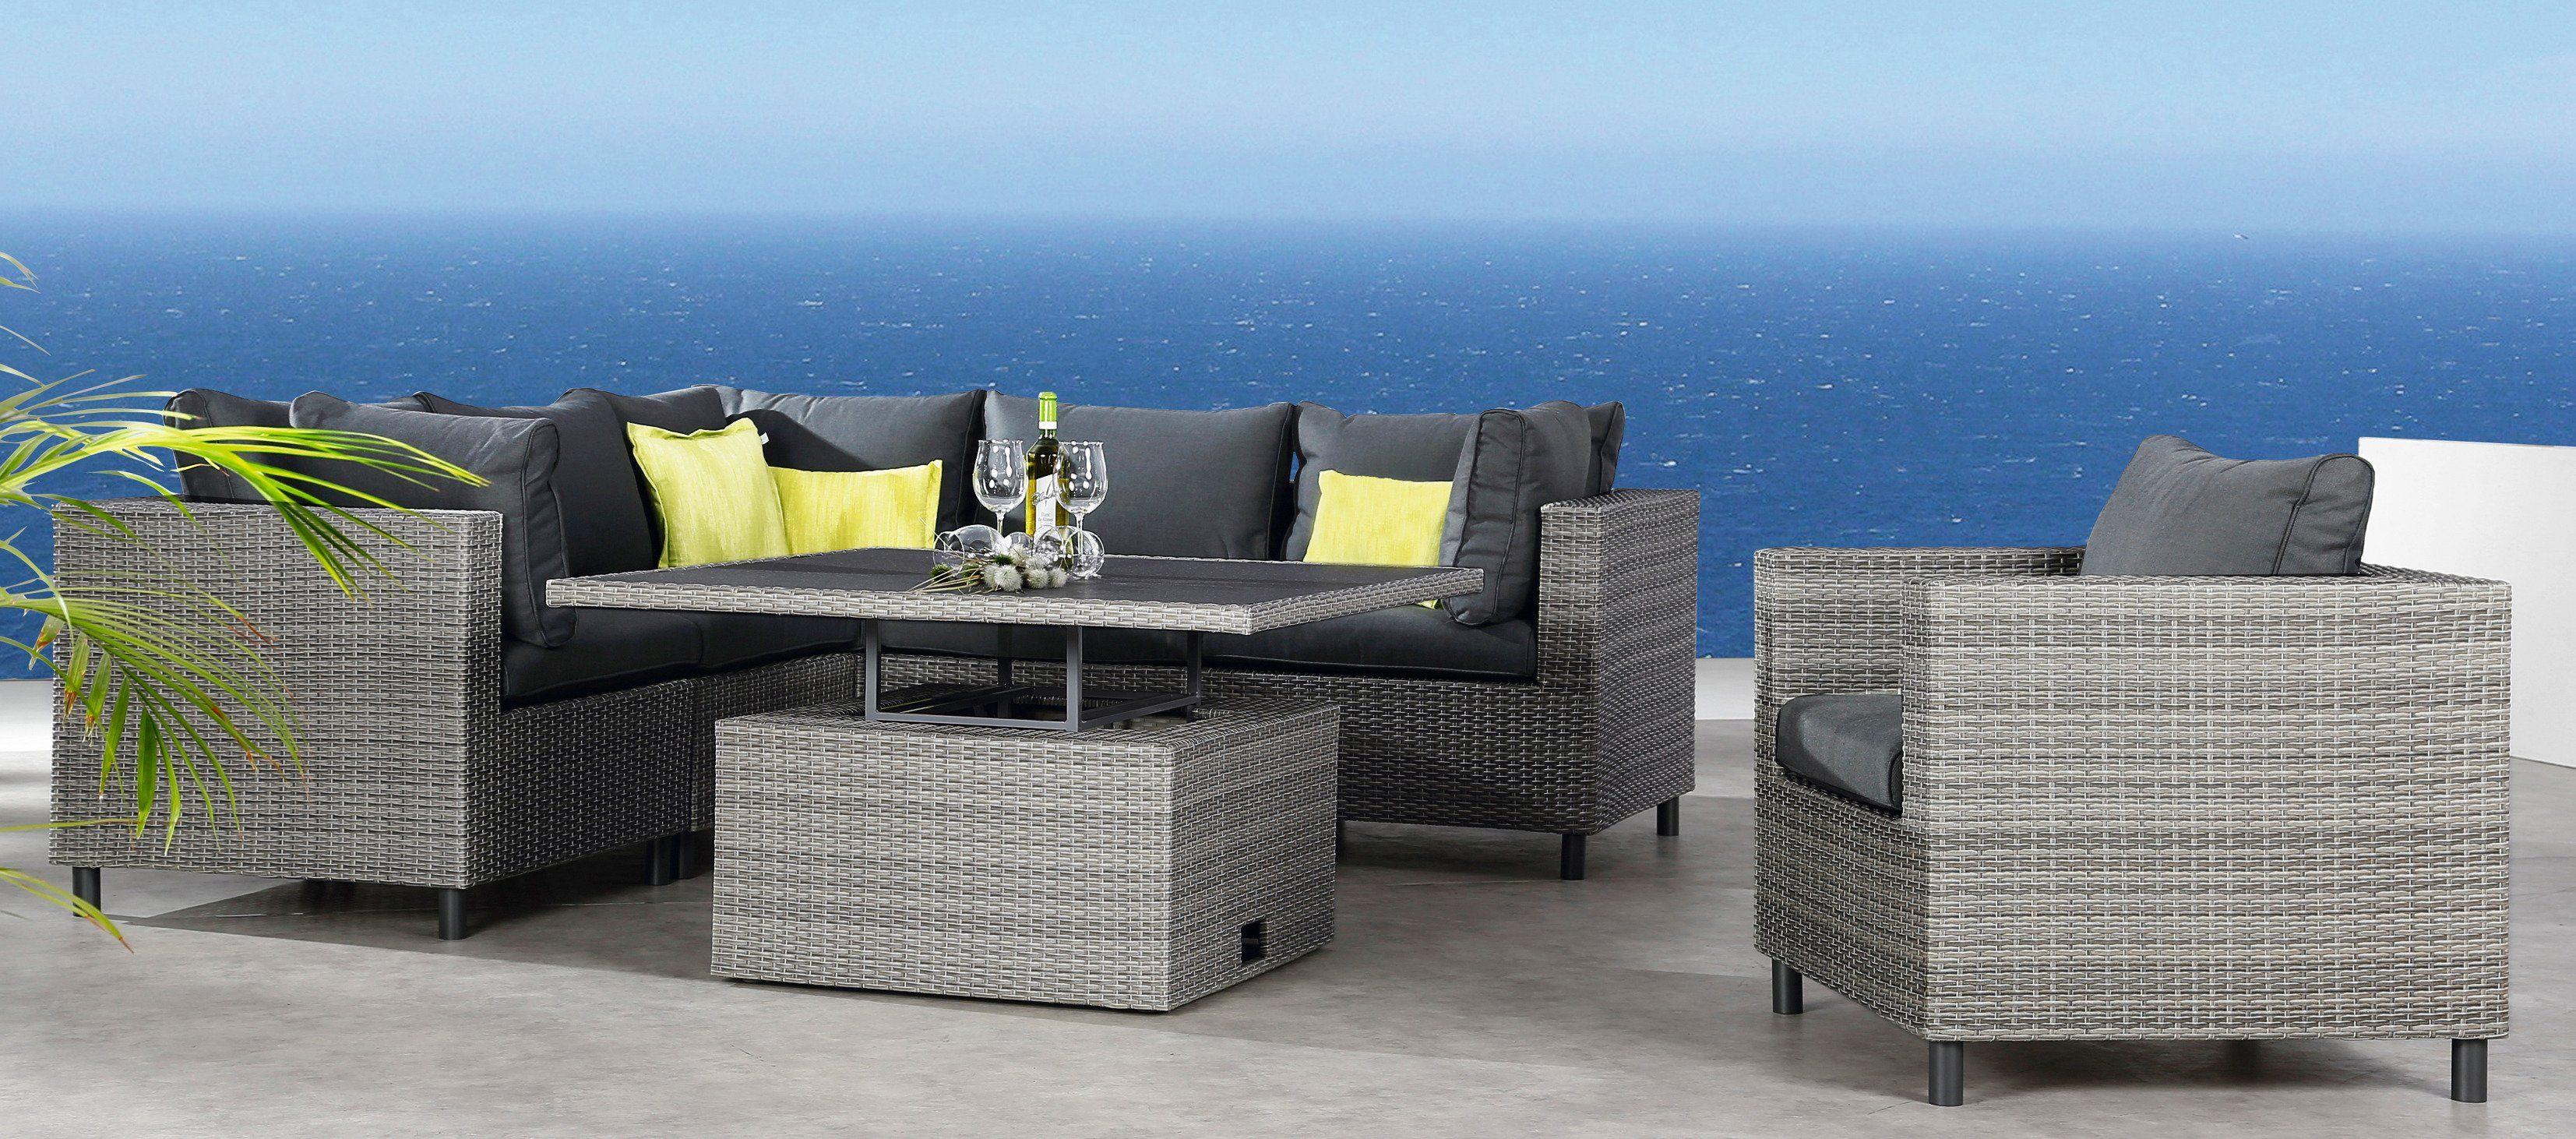 Loungeset »Bonaire«, 3 Eck-, 2 Mittelteile, höhenverstellbarer Tisch, Polyrattan, grau